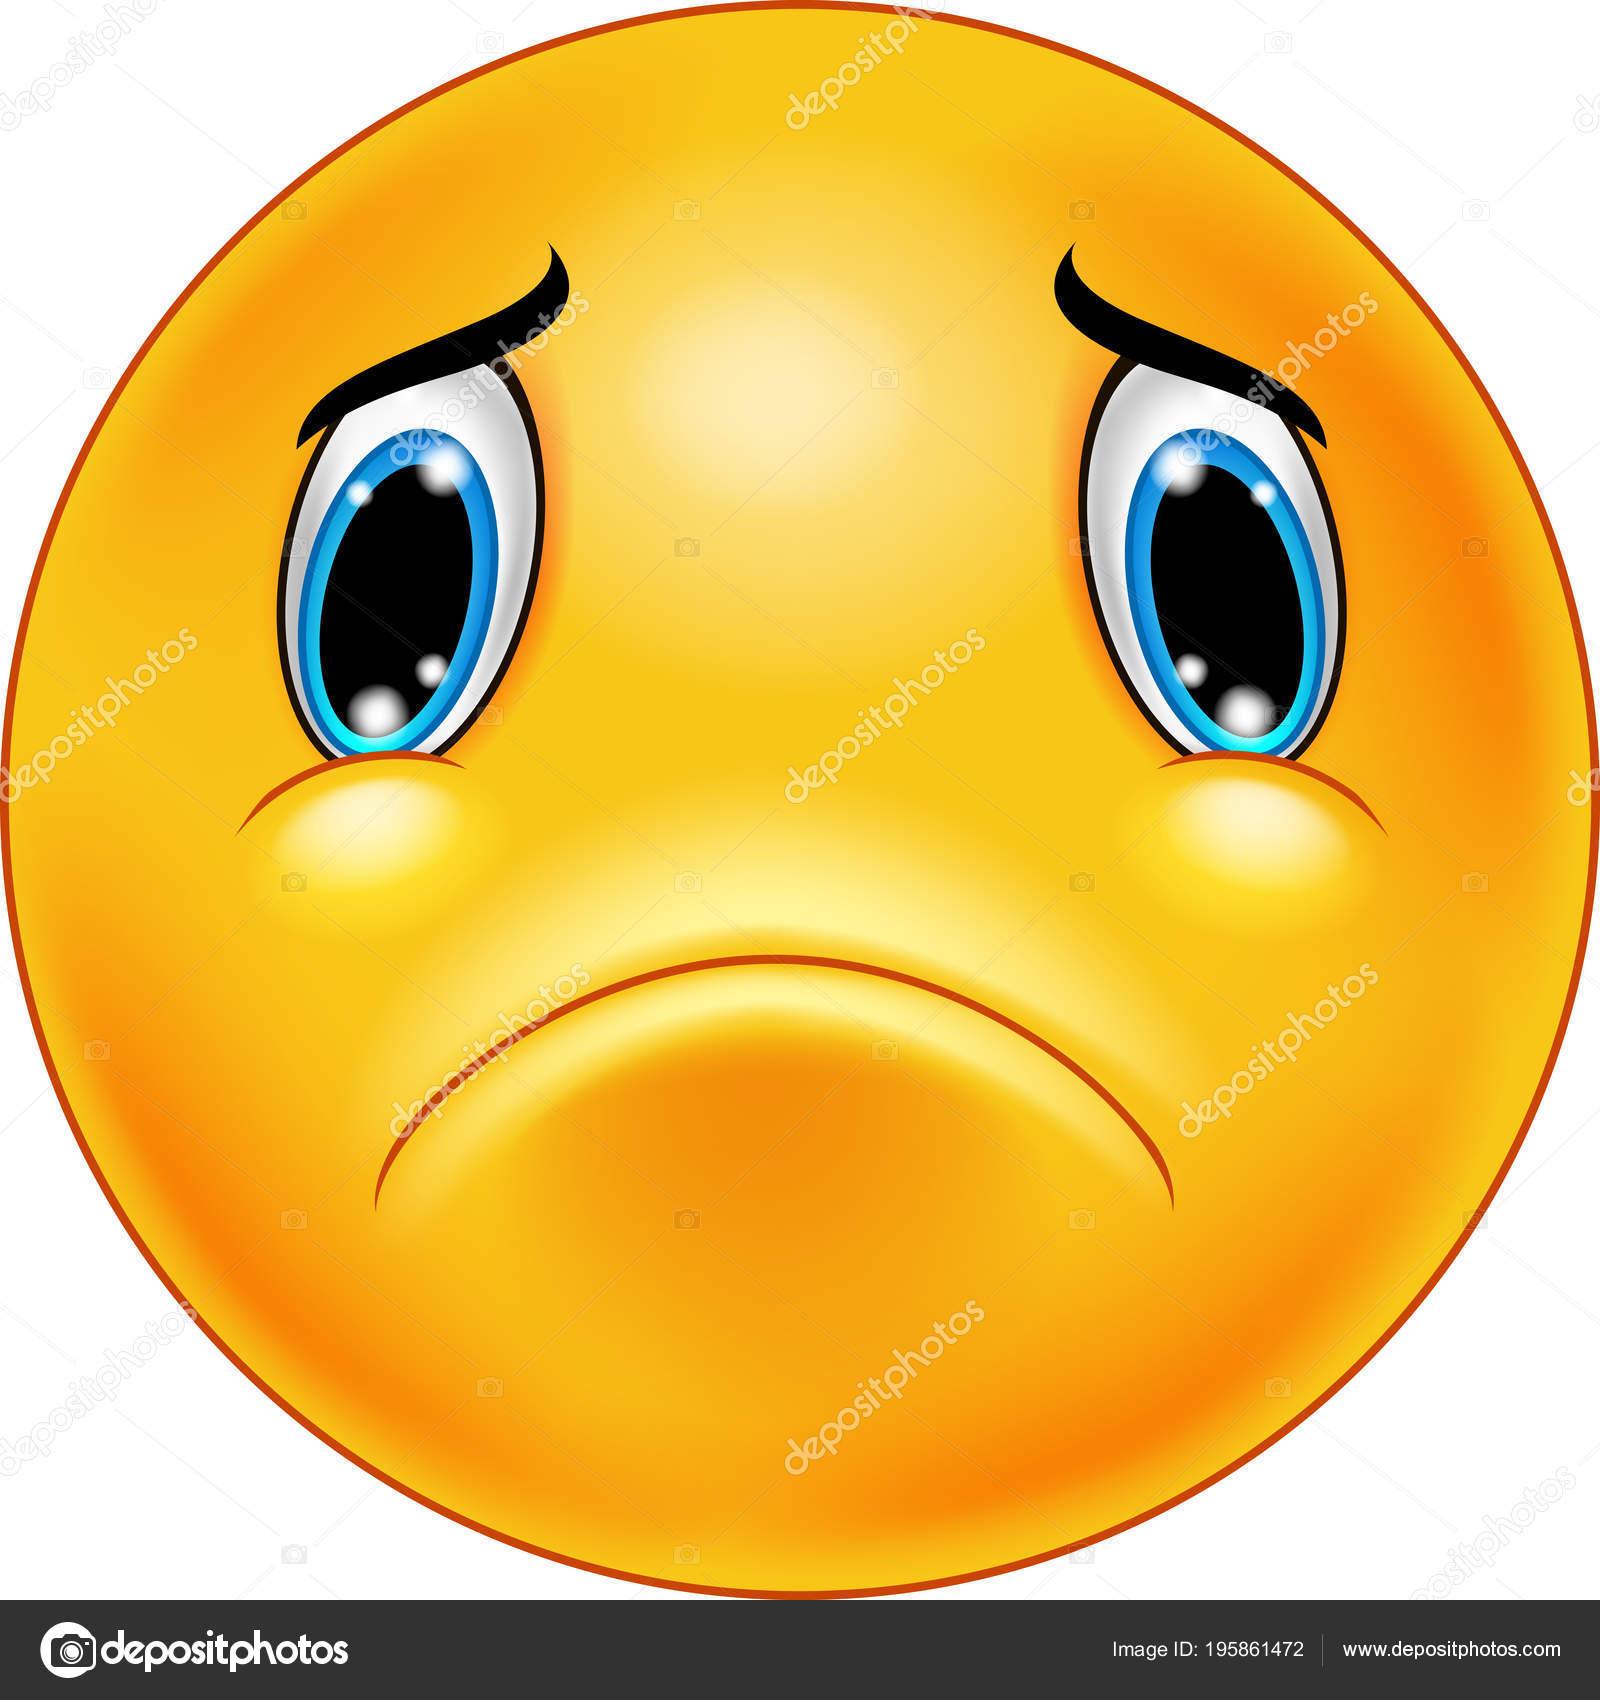 Trauriges Gesicht Emoticon Auf Einem Weissen Hintergrund Isoliert